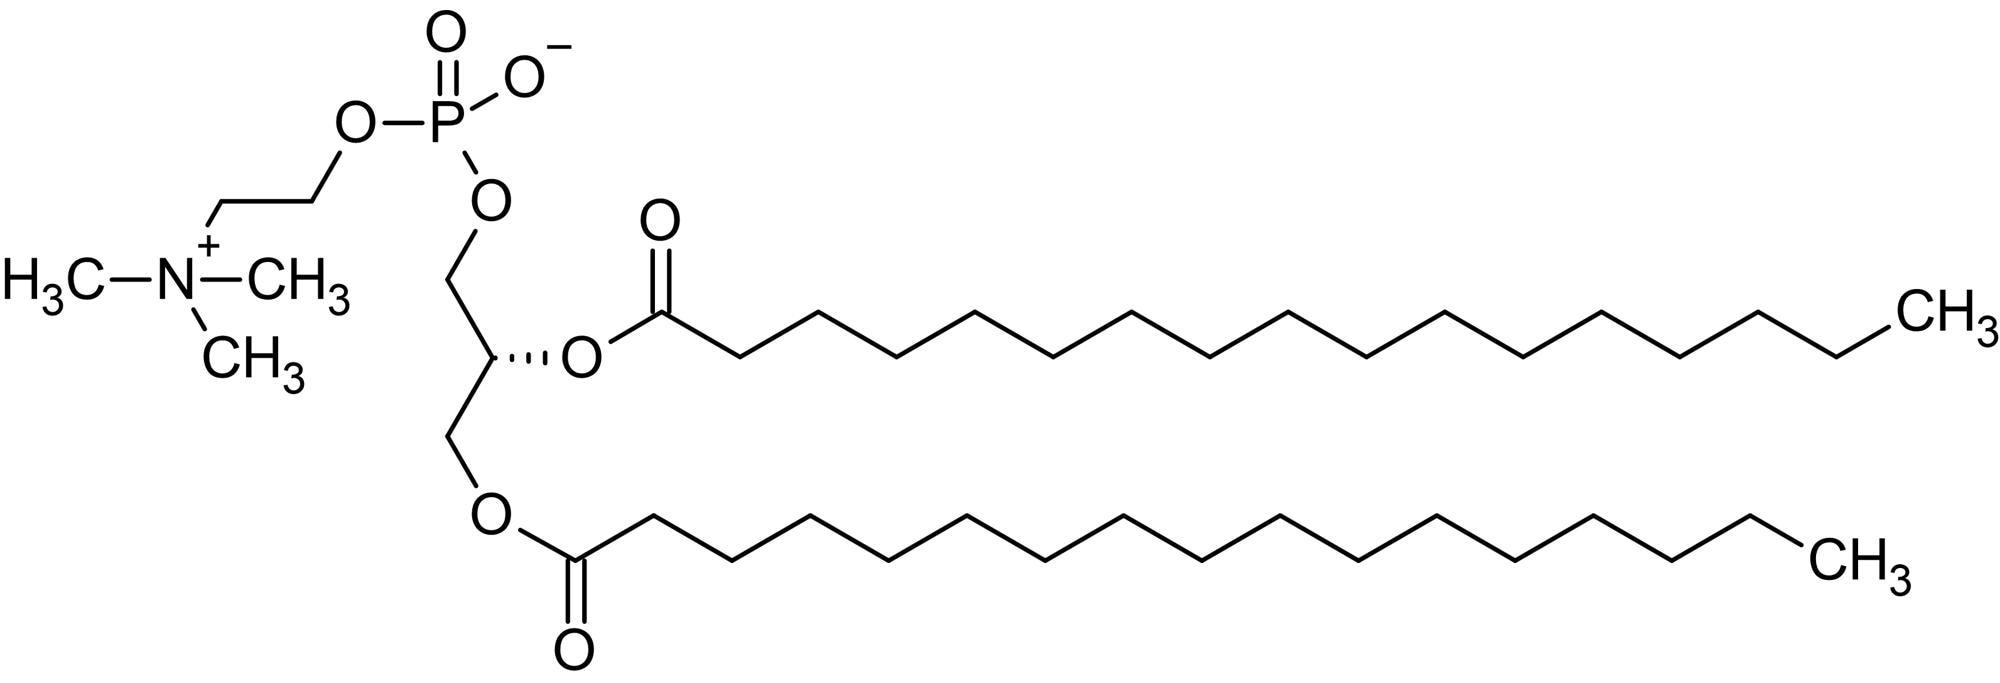 Chemical Structure - 1,2-Diheptadecanoyl-sn-glycero-3-phosphorylcholine (DHDPC), Phosphatidylcholine (ab143942)